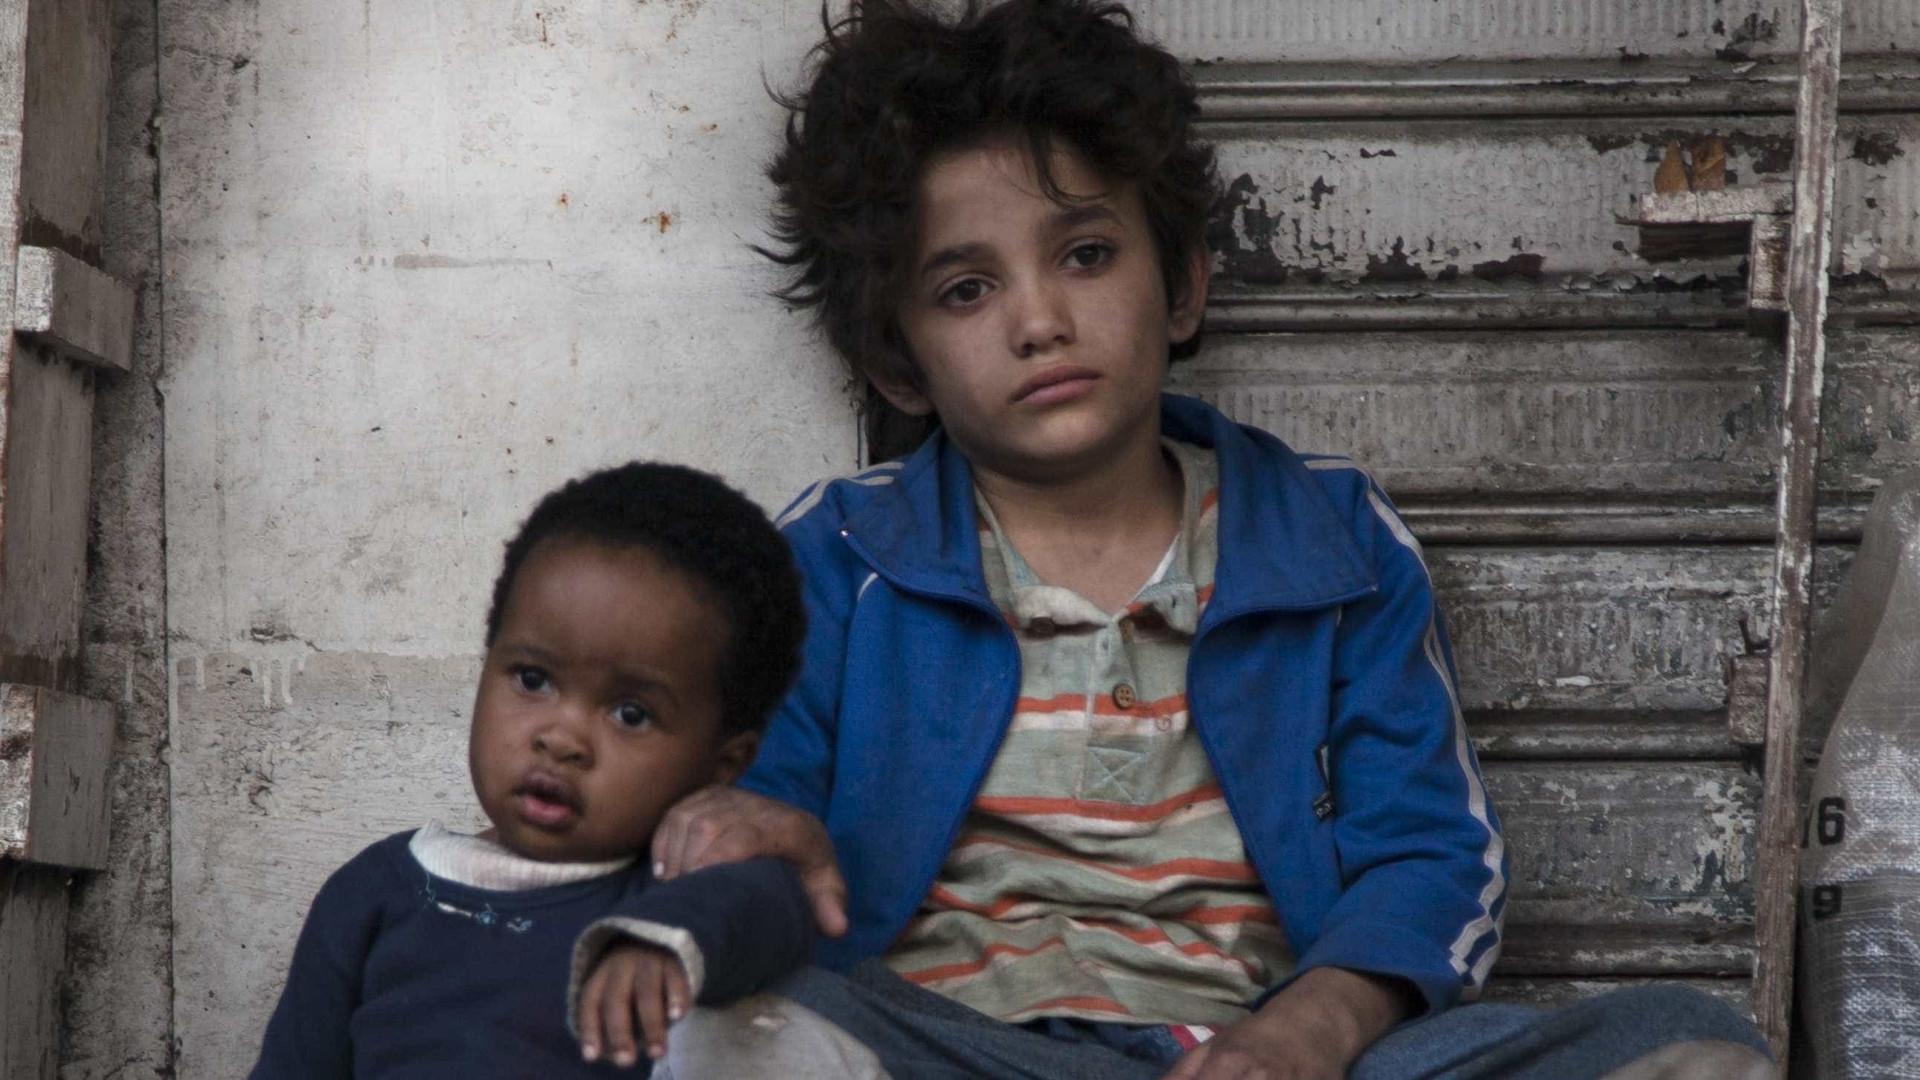 Drama sobre menino pobre que processa os pais embola disputa em Cannes